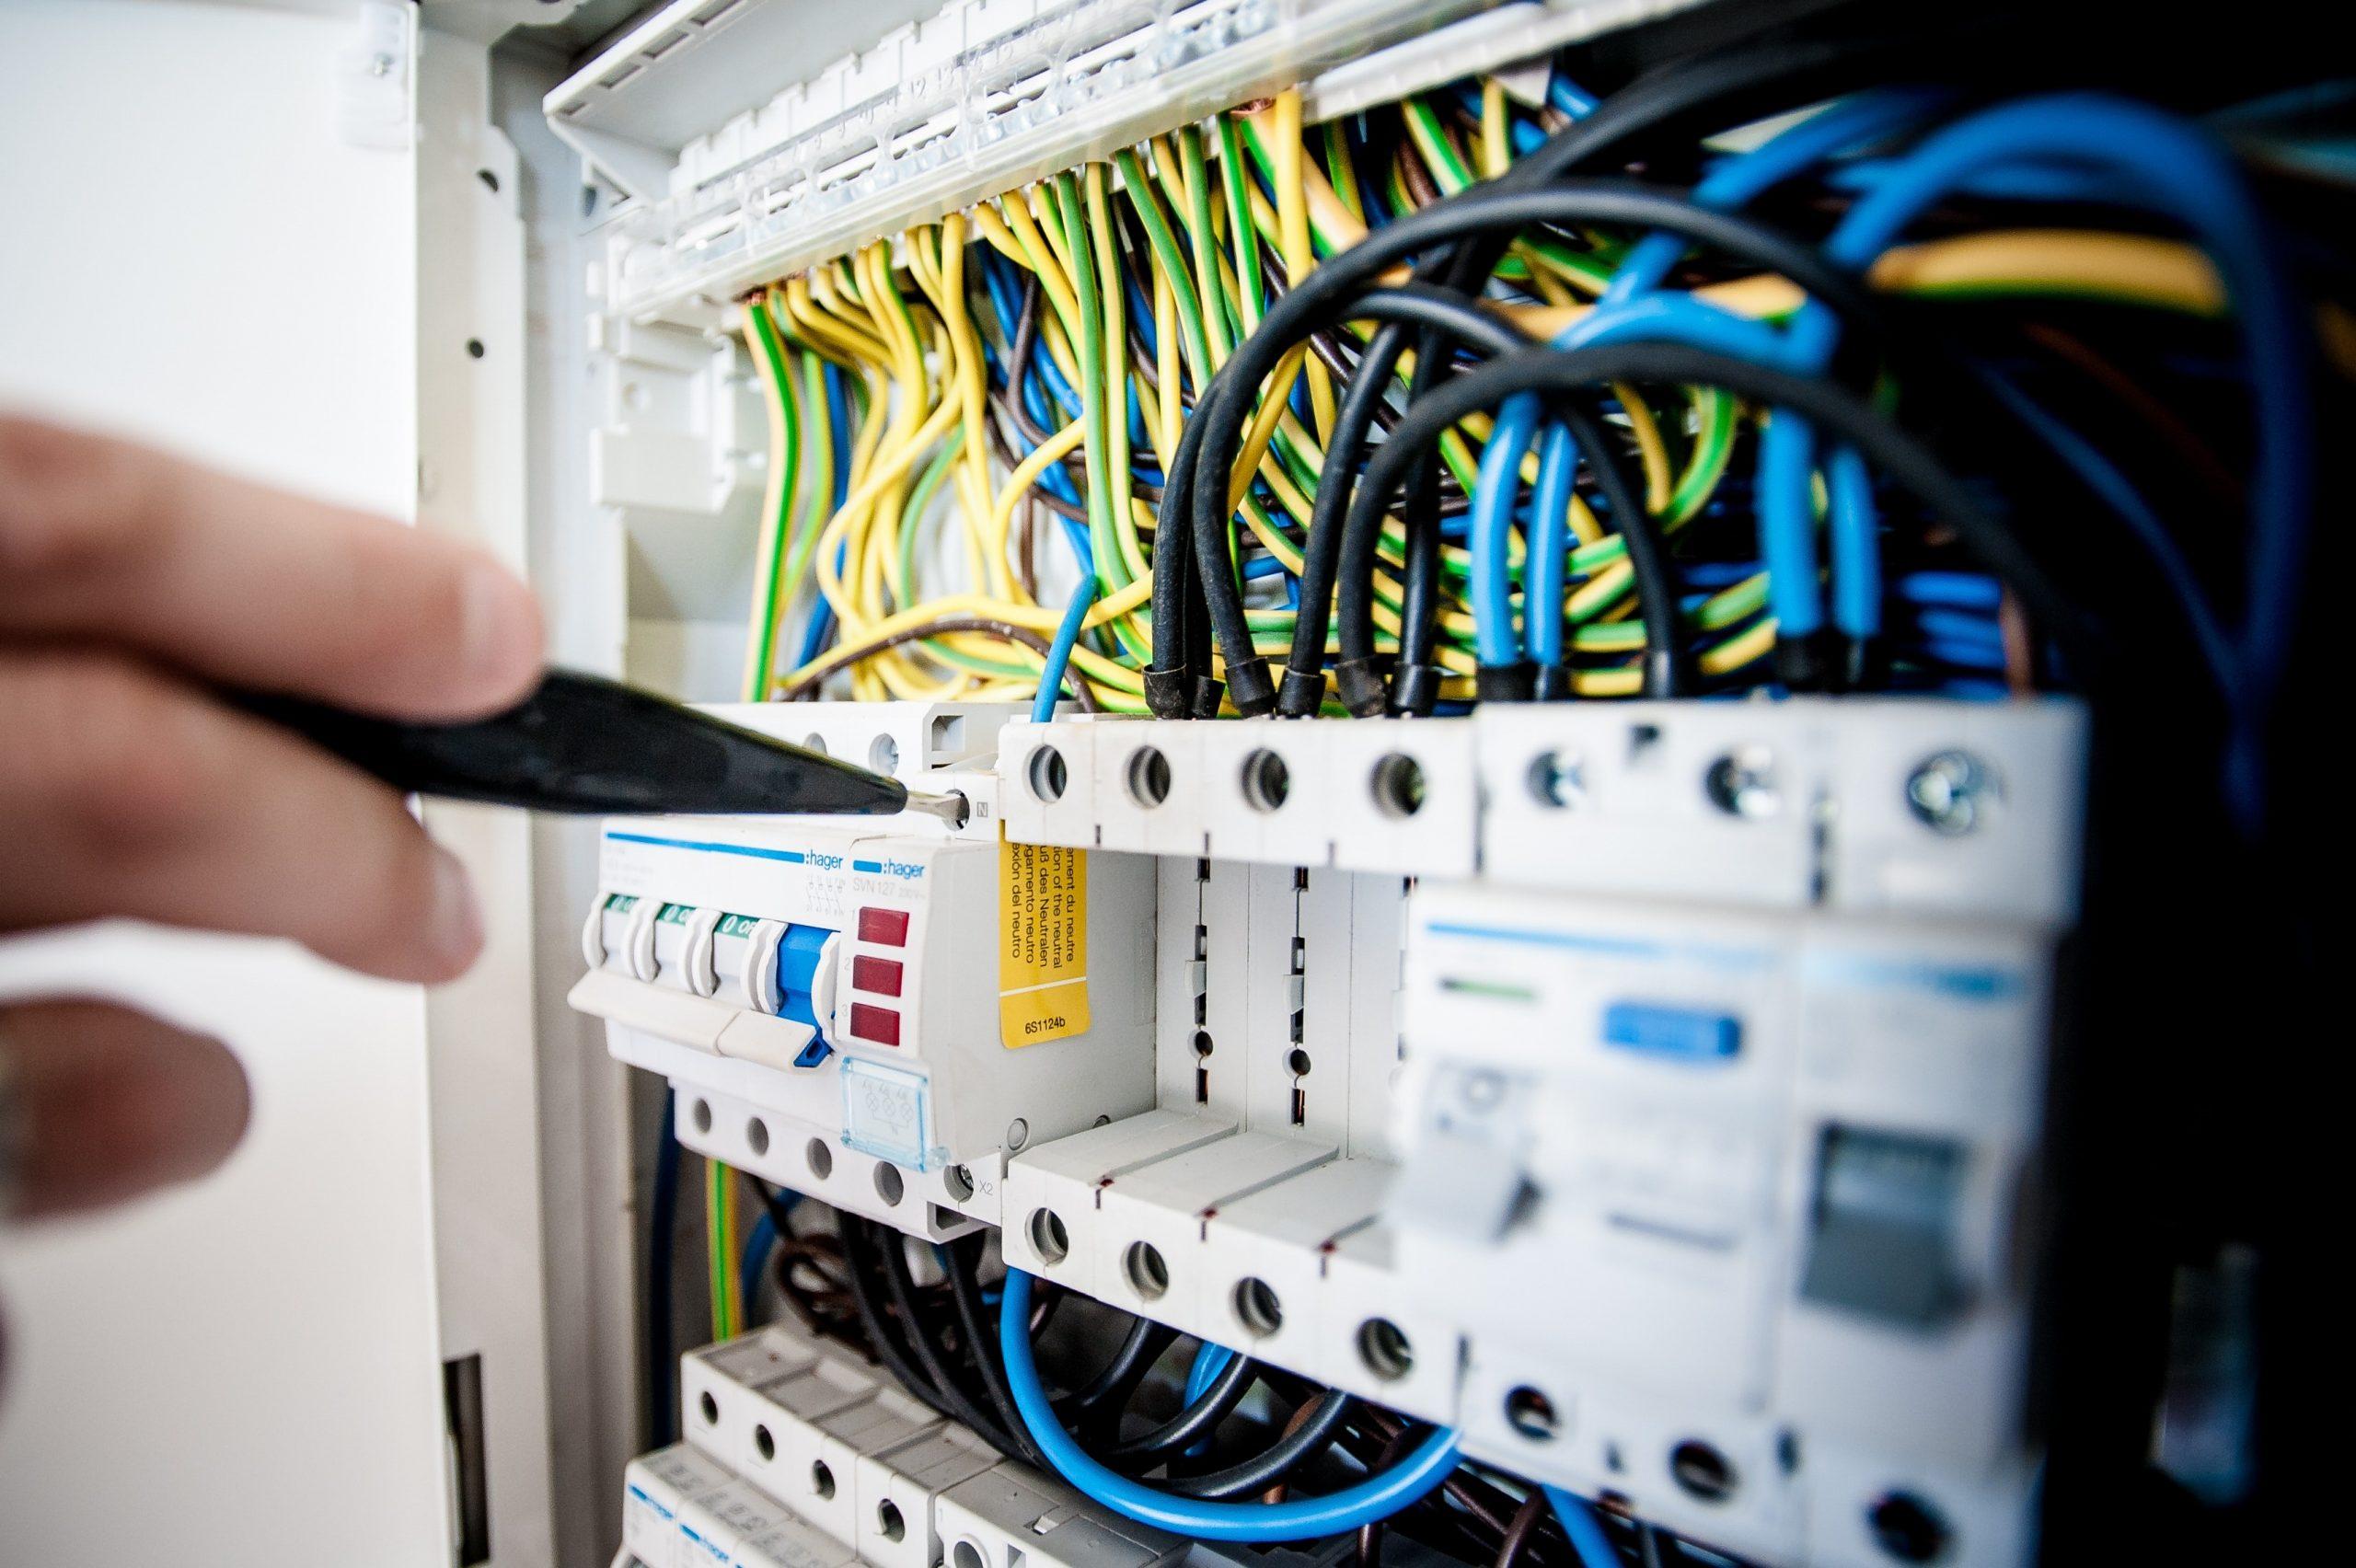 Întreruperi programate în alimentarea cu energie electrică. E-Distribuție Muntenia spune în ce zone au loc